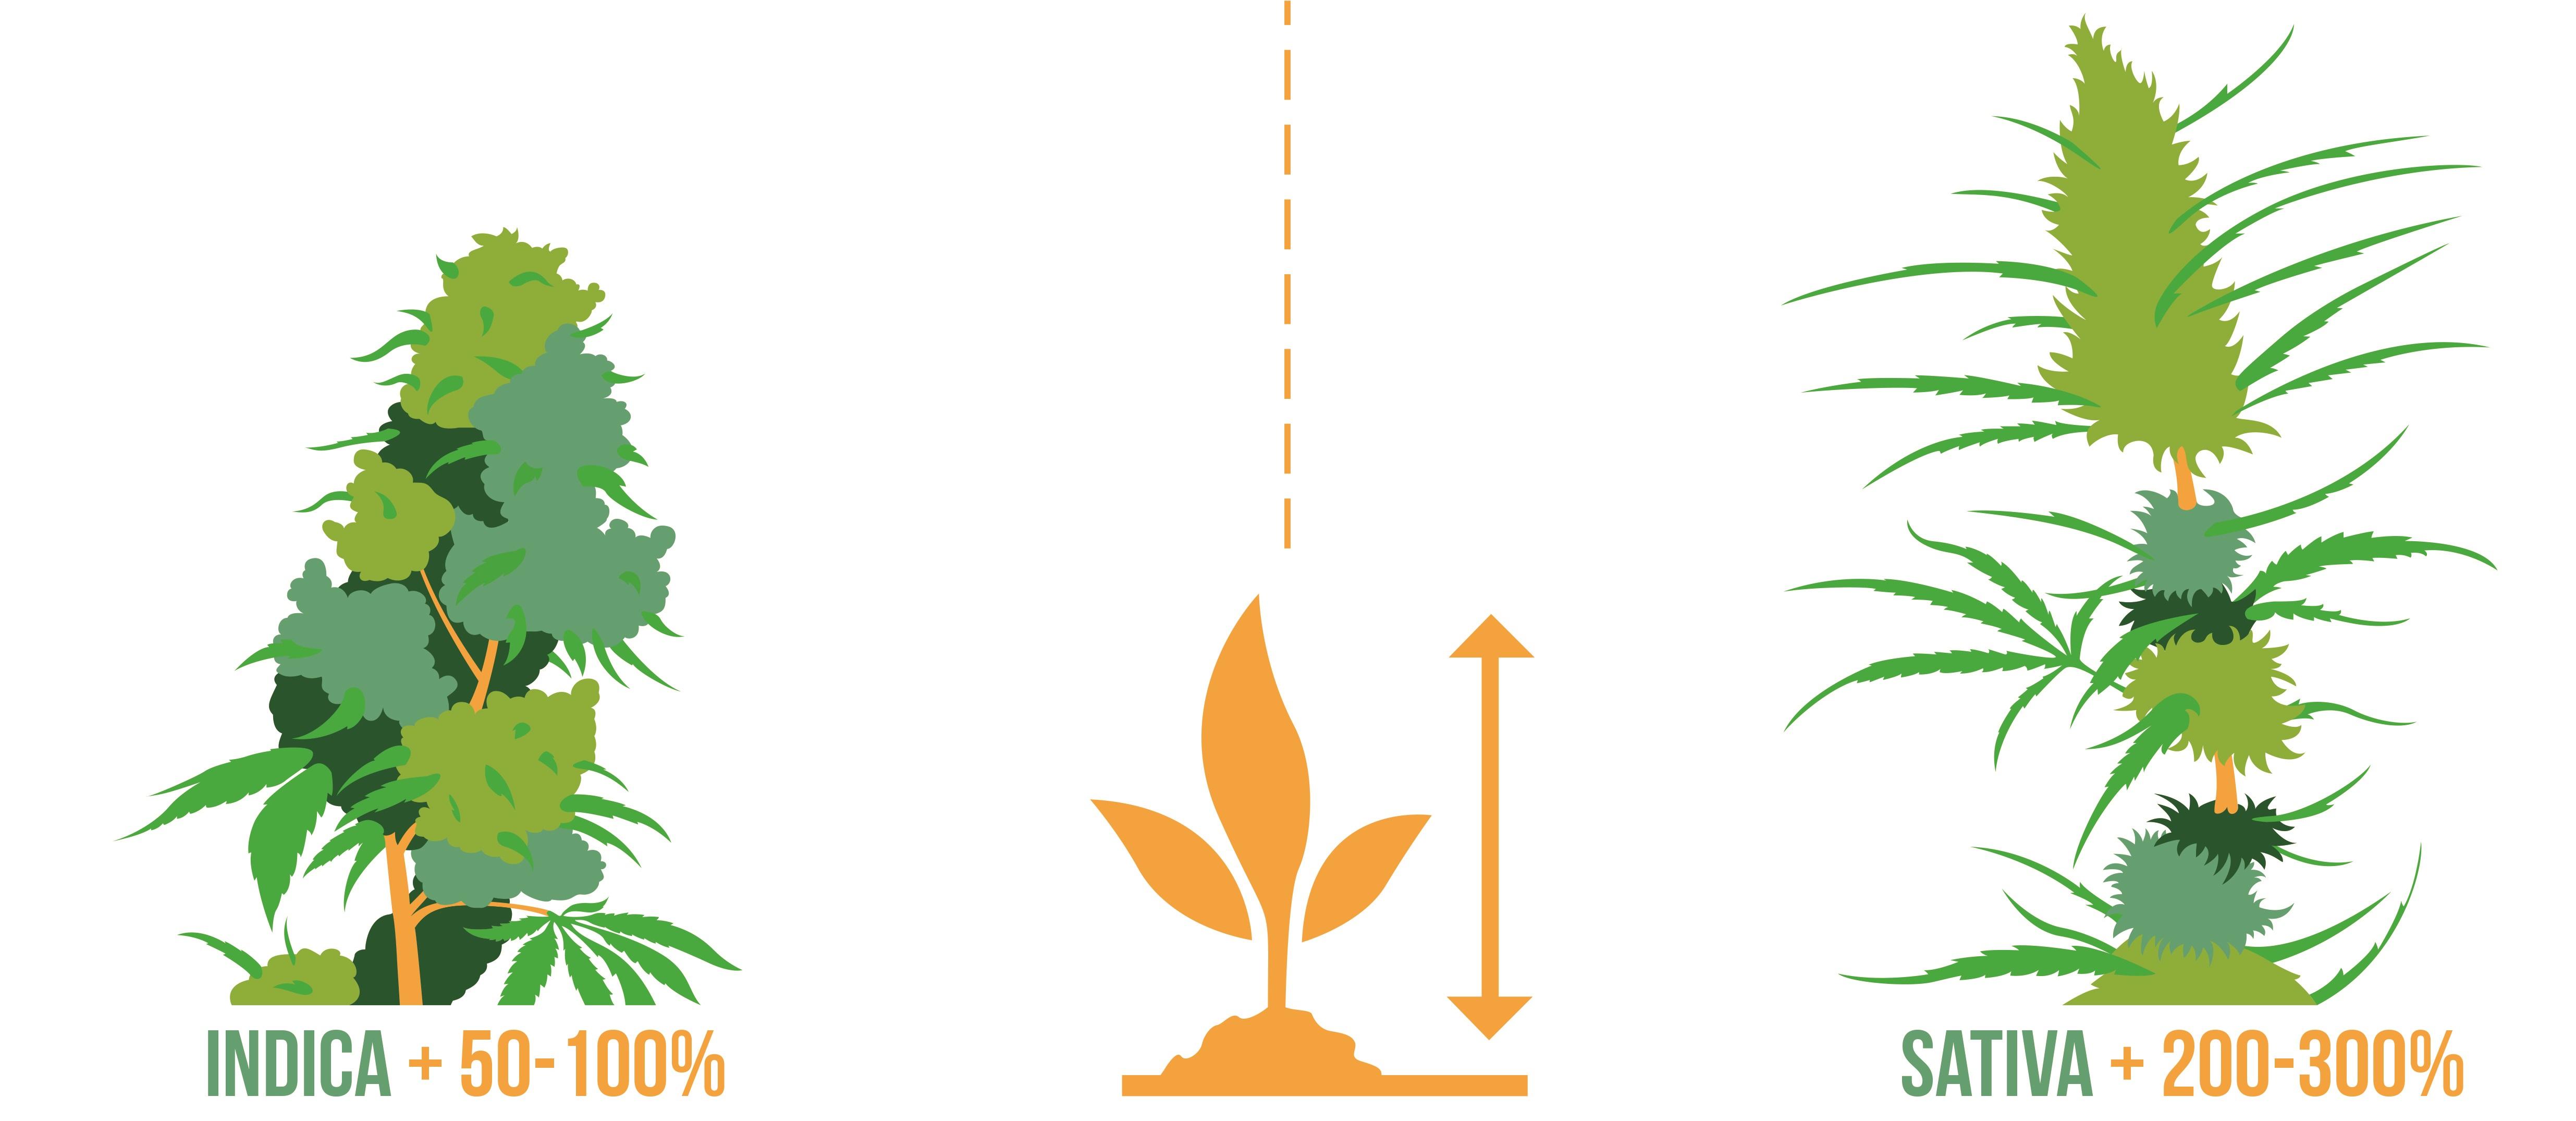 Diferença entre Indica e Sativa - tamanho